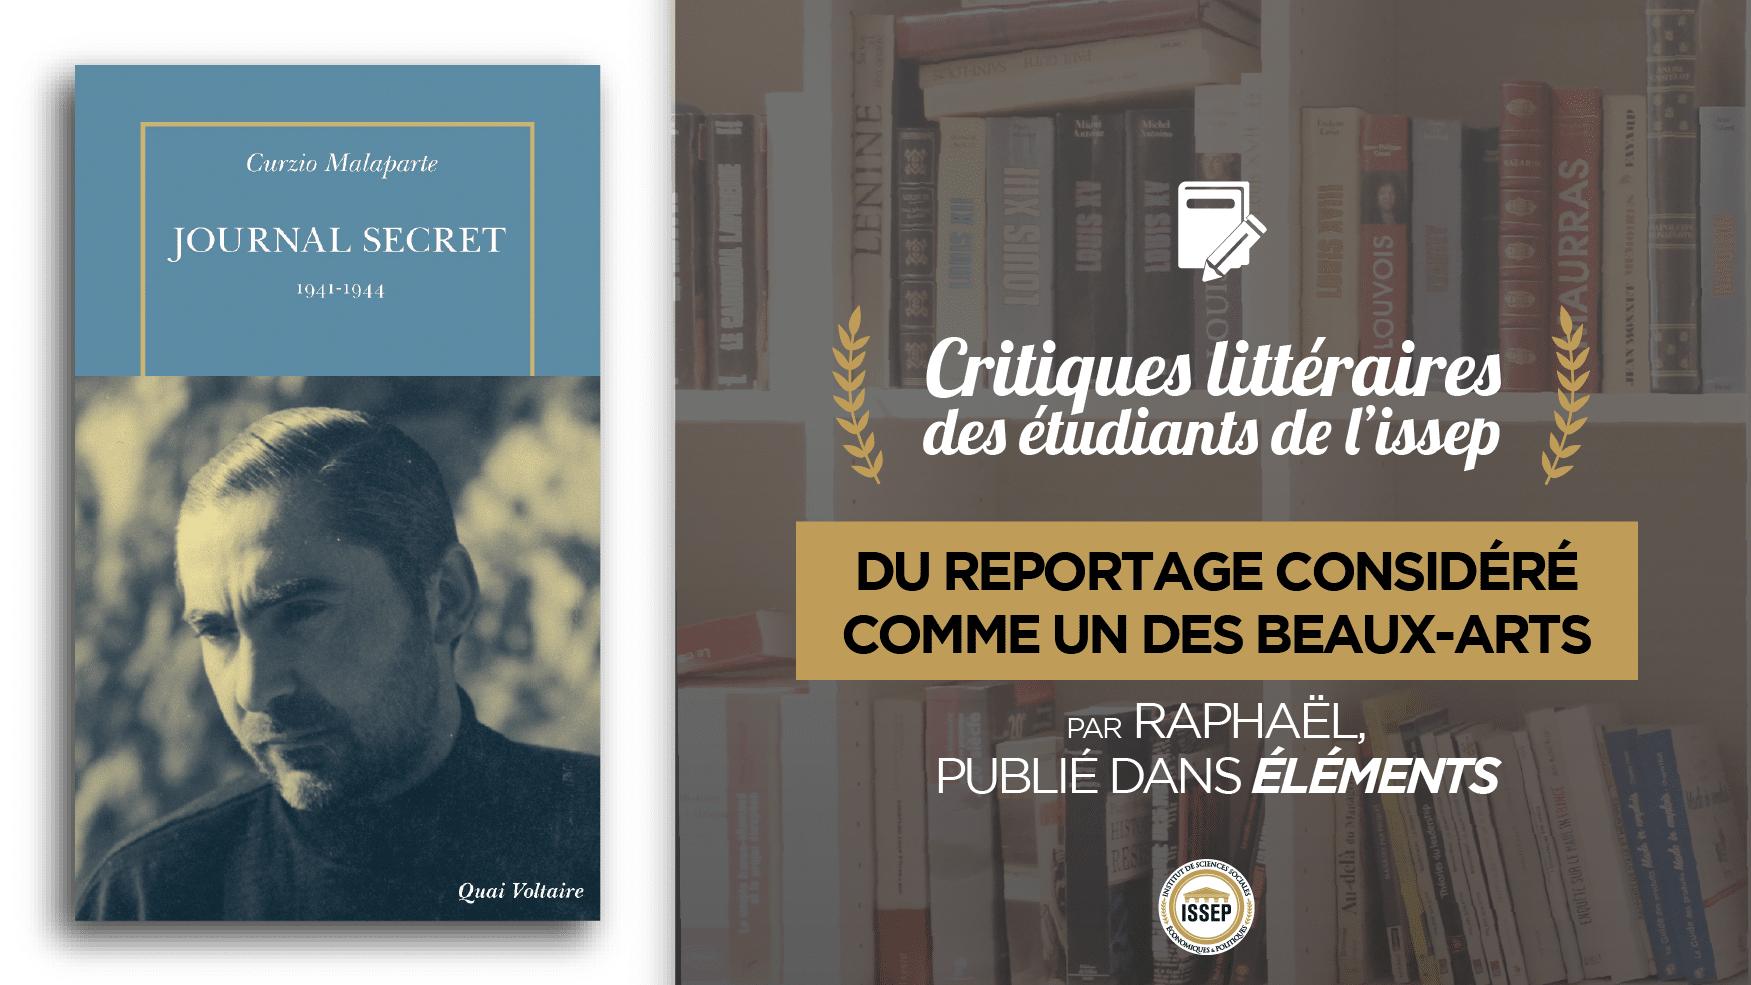 """Critique littéraire de """"Journal secret 1941-1944"""" de Curzio Malaparte par Raphaël, étudiant de l'ISSEP publié dans Éléments"""